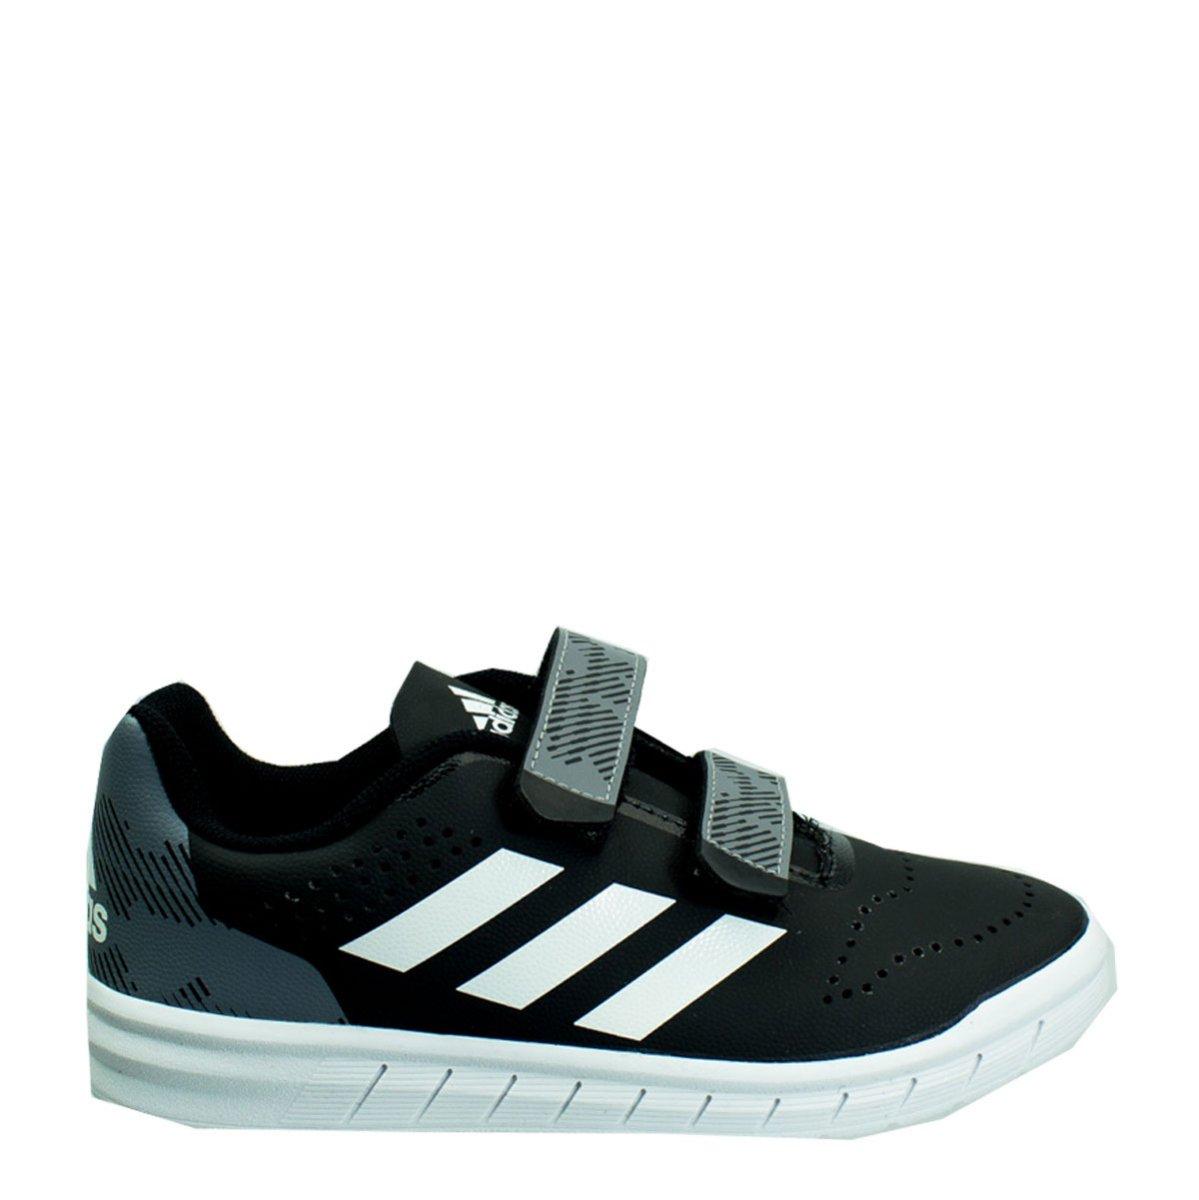 Bizz Store - Tênis Infantil Menino Adidas QuickSport CF C e689f533ef5